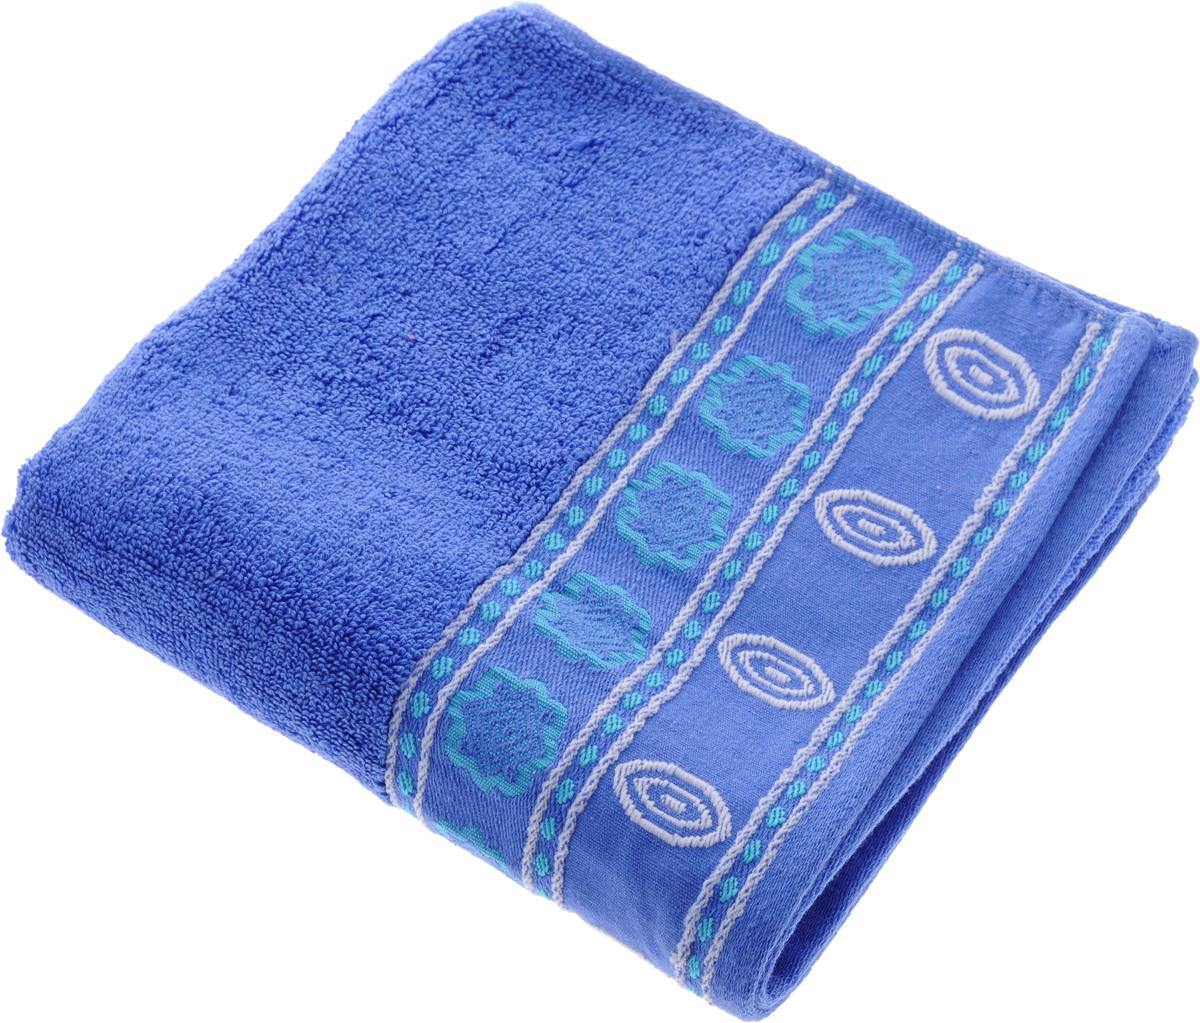 Полотенце Soavita Bruno, цвет: ярко-синий, 50 х 90 см64039Полотенце Soavita Bruno выполнено из 100% хлопка. Изделие отлично впитывает влагу, быстро сохнет, сохраняет яркость цвета и не теряет форму даже после многократных стирок. Полотенце очень практично и неприхотливо в уходе. Оно создаст прекрасное настроение и украсит интерьер в ванной комнате.Рекомендуется стирка при температуре 40°C.